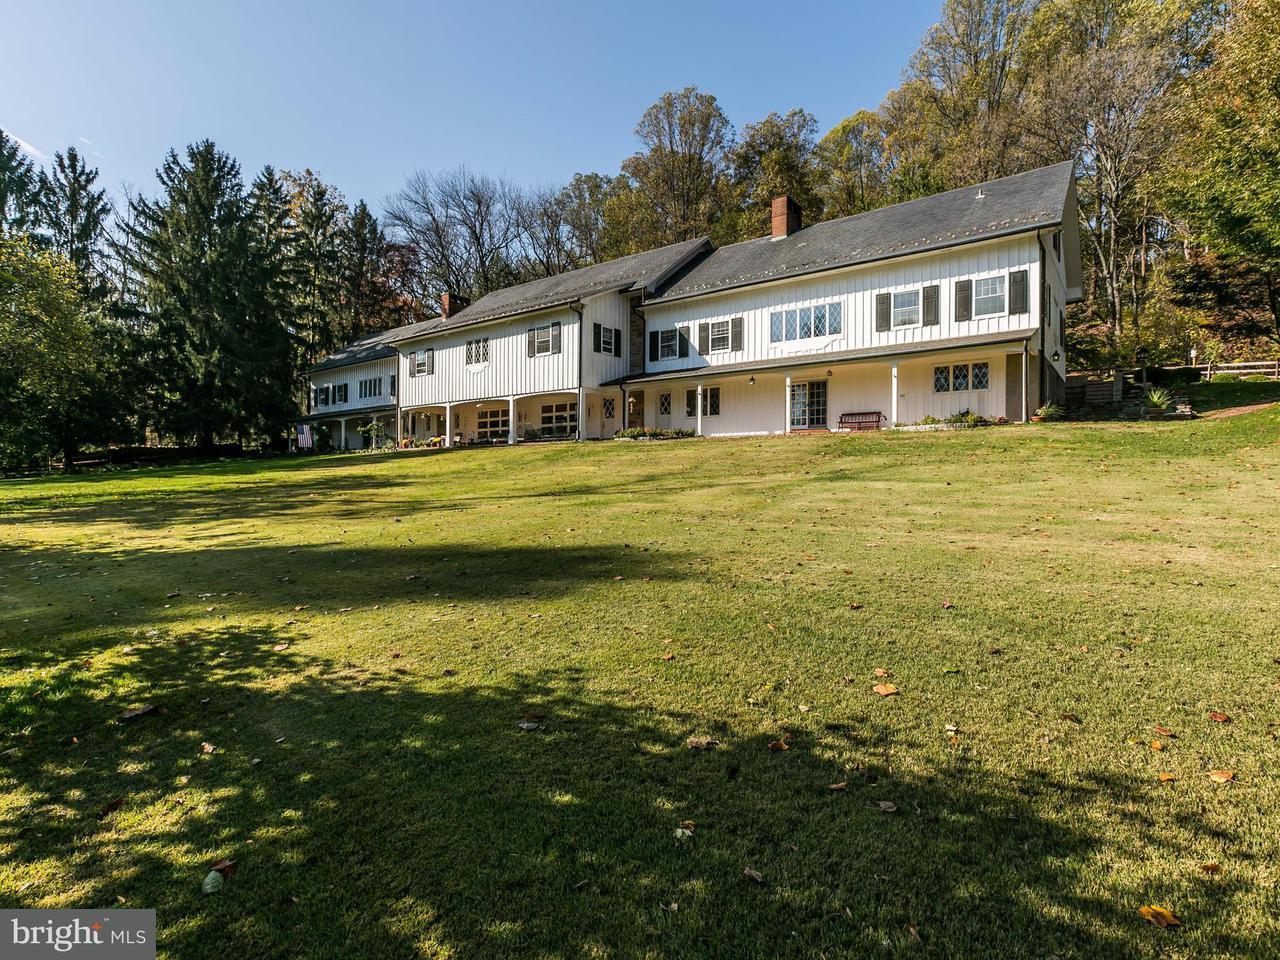 Maison unifamiliale pour l Vente à 5 RUNNING FOX Road 5 RUNNING FOX Road Glen Arm, Maryland 21057 États-Unis